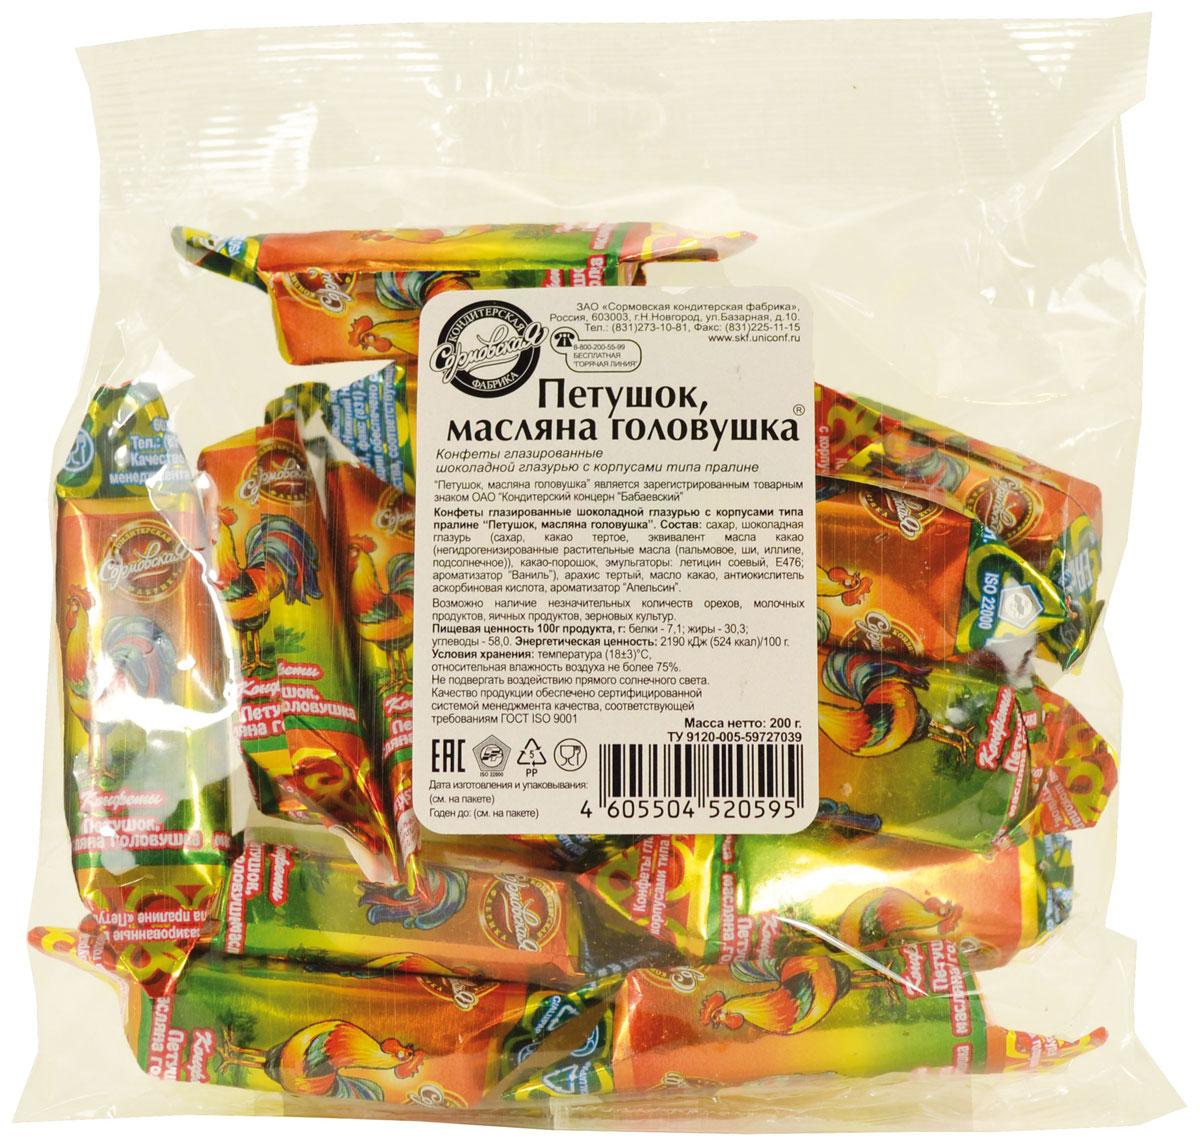 Петушок масляна головушка конфеты, 200 гКО04272Классические конфеты на основе жареного арахиса с апельсиновым ароматом, глазированные шоколадной глазурью.